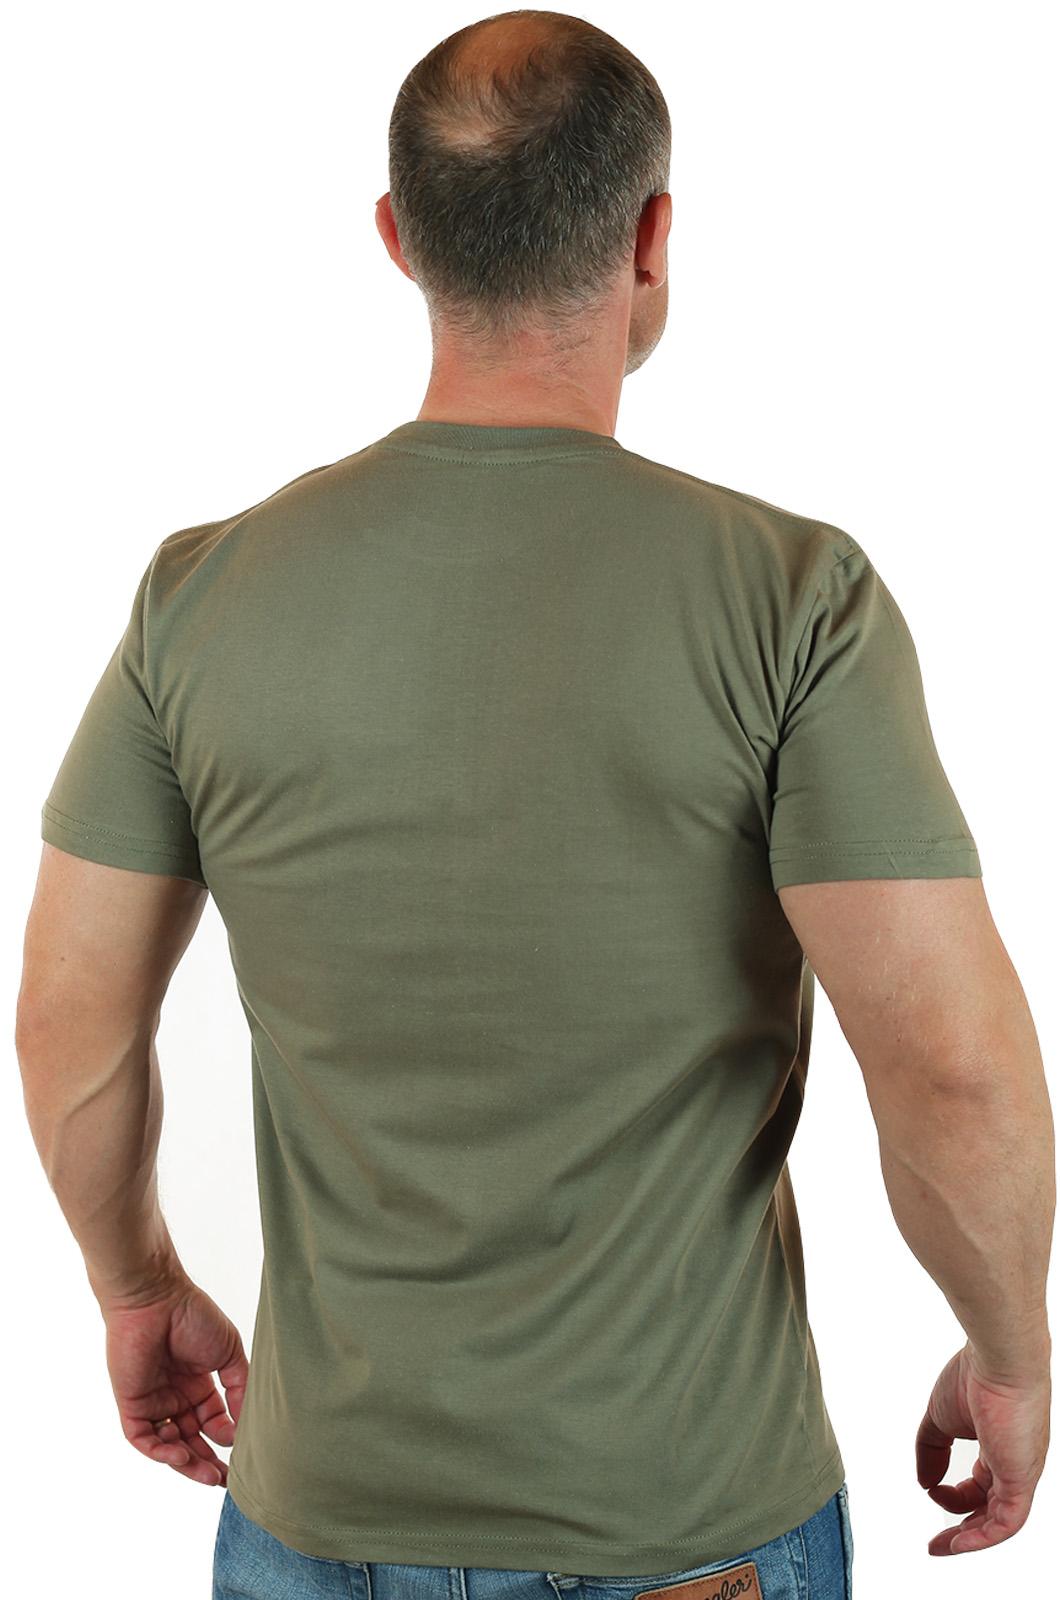 """Практичная футболка с принтом """"Охотничий Спецназ"""" - купить онлайн"""